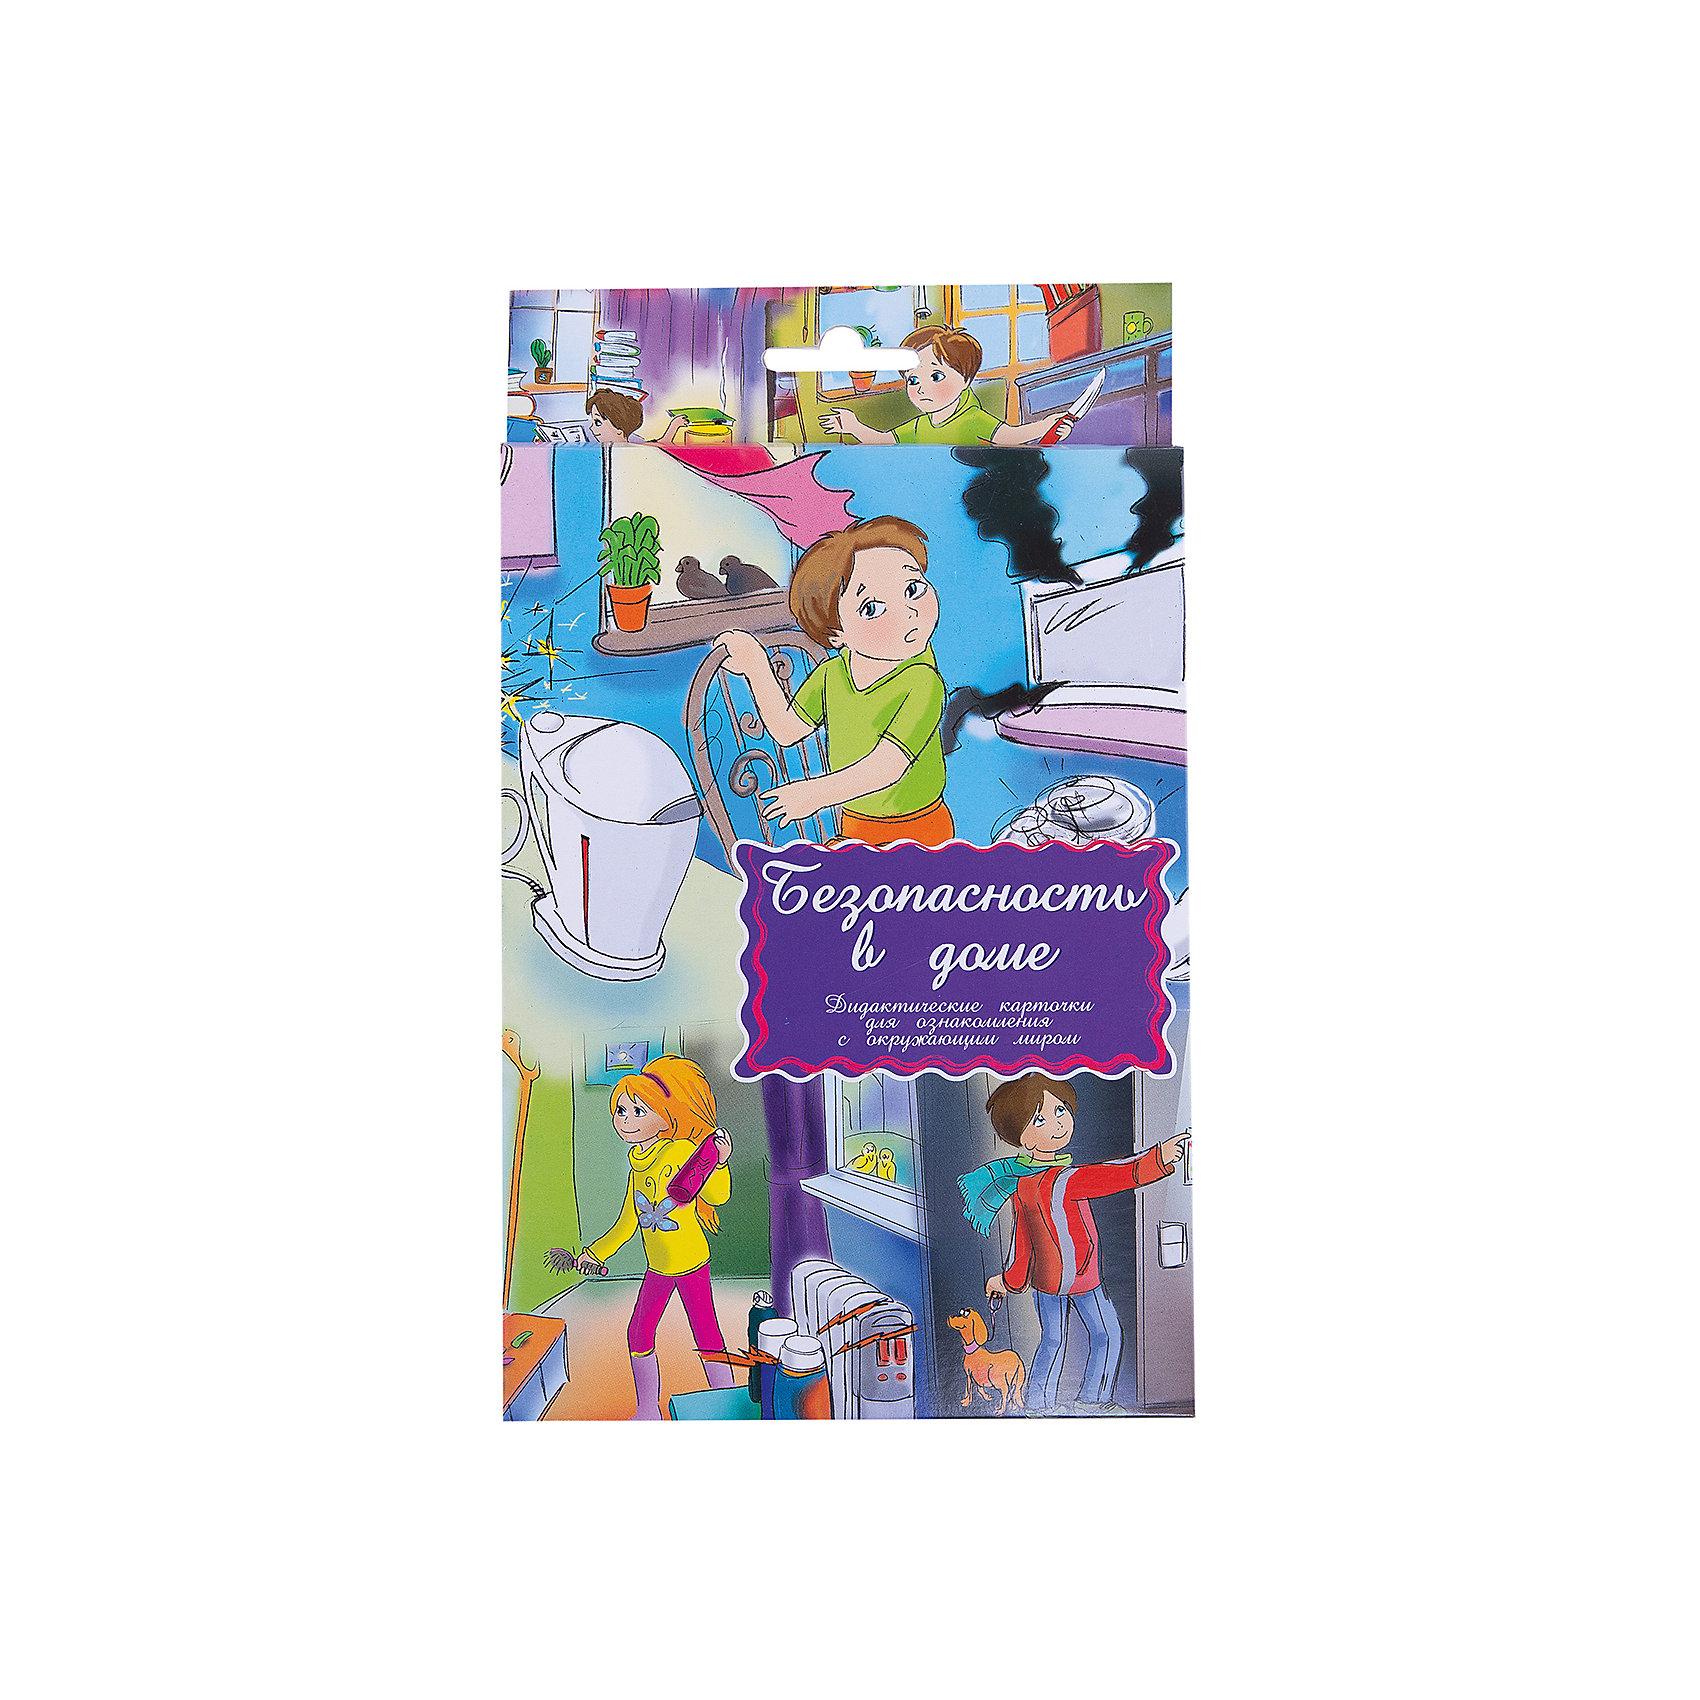 Дидактические карточки Безопасность в домеОбучающие карточки<br>Тематические комплекты дидактических карточек помогут познакомить ребенка с окружающим миром, развить речевые умения, научить сравнивать, классифицировать, обобщать. Карточки рекомендуются родителям для познавательных игр с детьми и занятий  по методике Г.Домана.  Могут использоваться в индивидуальной и групповой работе логопедами, психологами, воспитателями детских садов, учителями начальных классов.  В каждом комплекте 16 карточек, каждая из которых содержит интересную познавательную информацию об изображенном на ней предмете.<br><br>Ширина мм: 150<br>Глубина мм: 90<br>Высота мм: 90<br>Вес г: 200<br>Возраст от месяцев: 36<br>Возраст до месяцев: 2147483647<br>Пол: Унисекс<br>Возраст: Детский<br>SKU: 4802975